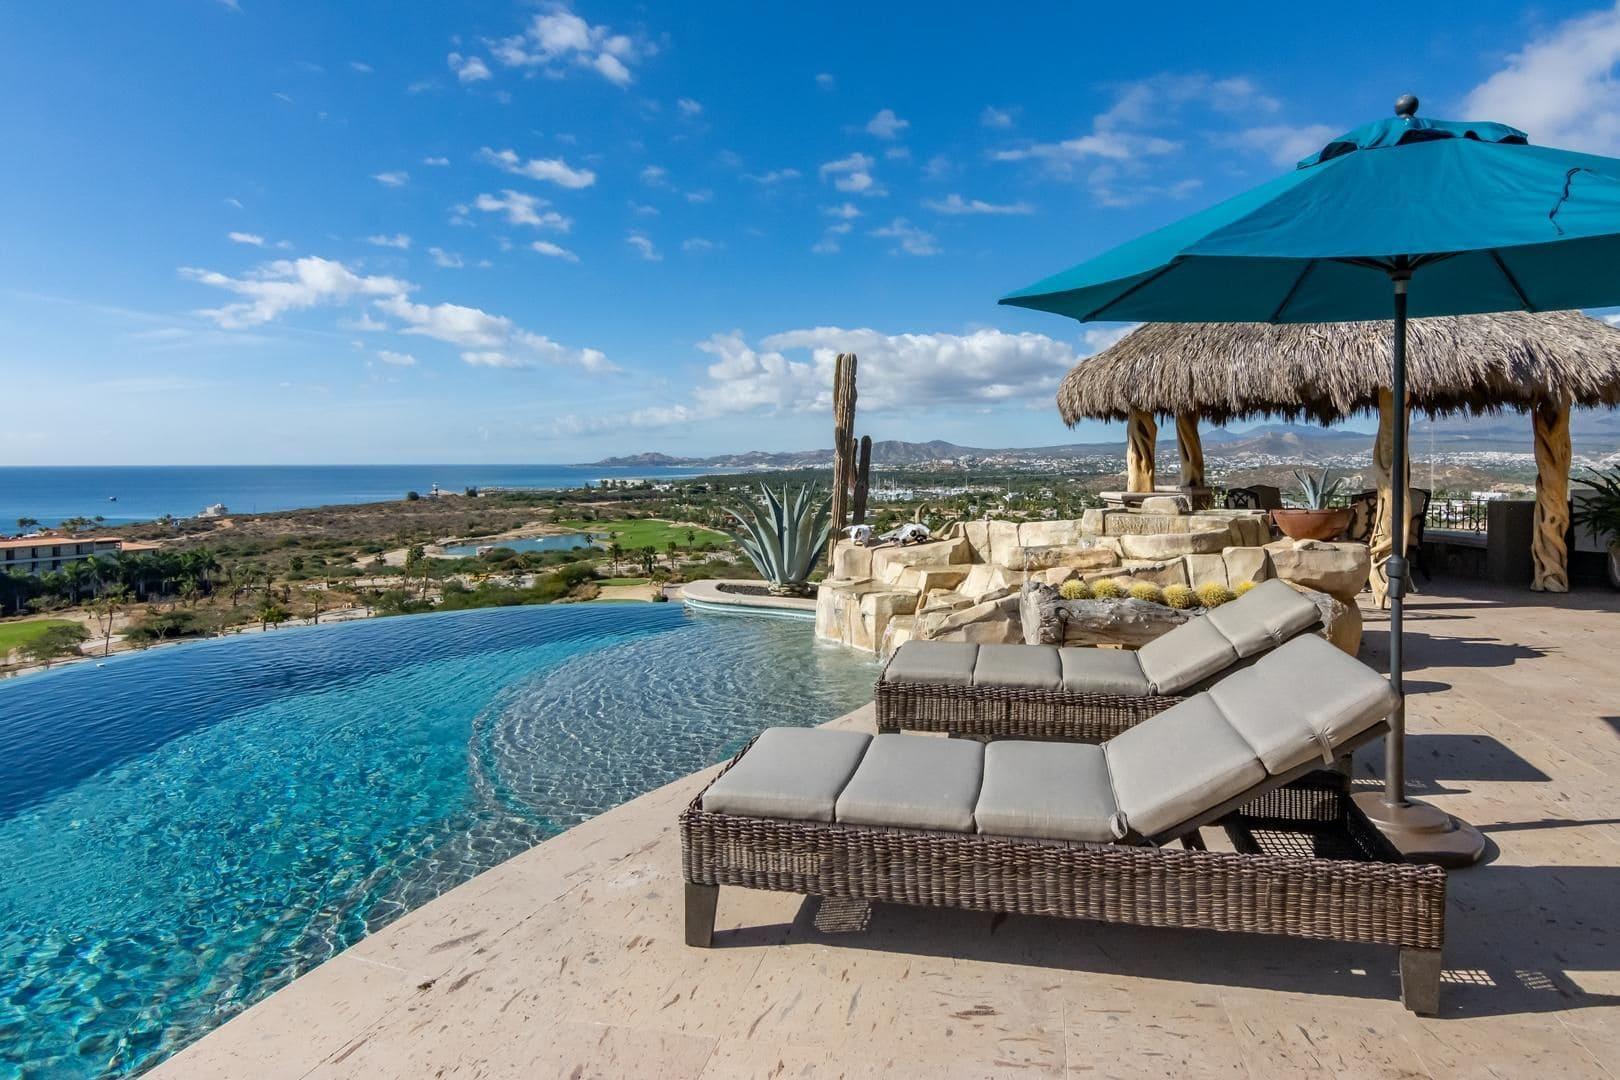 puerto los cabos 4 bedroom home for sale